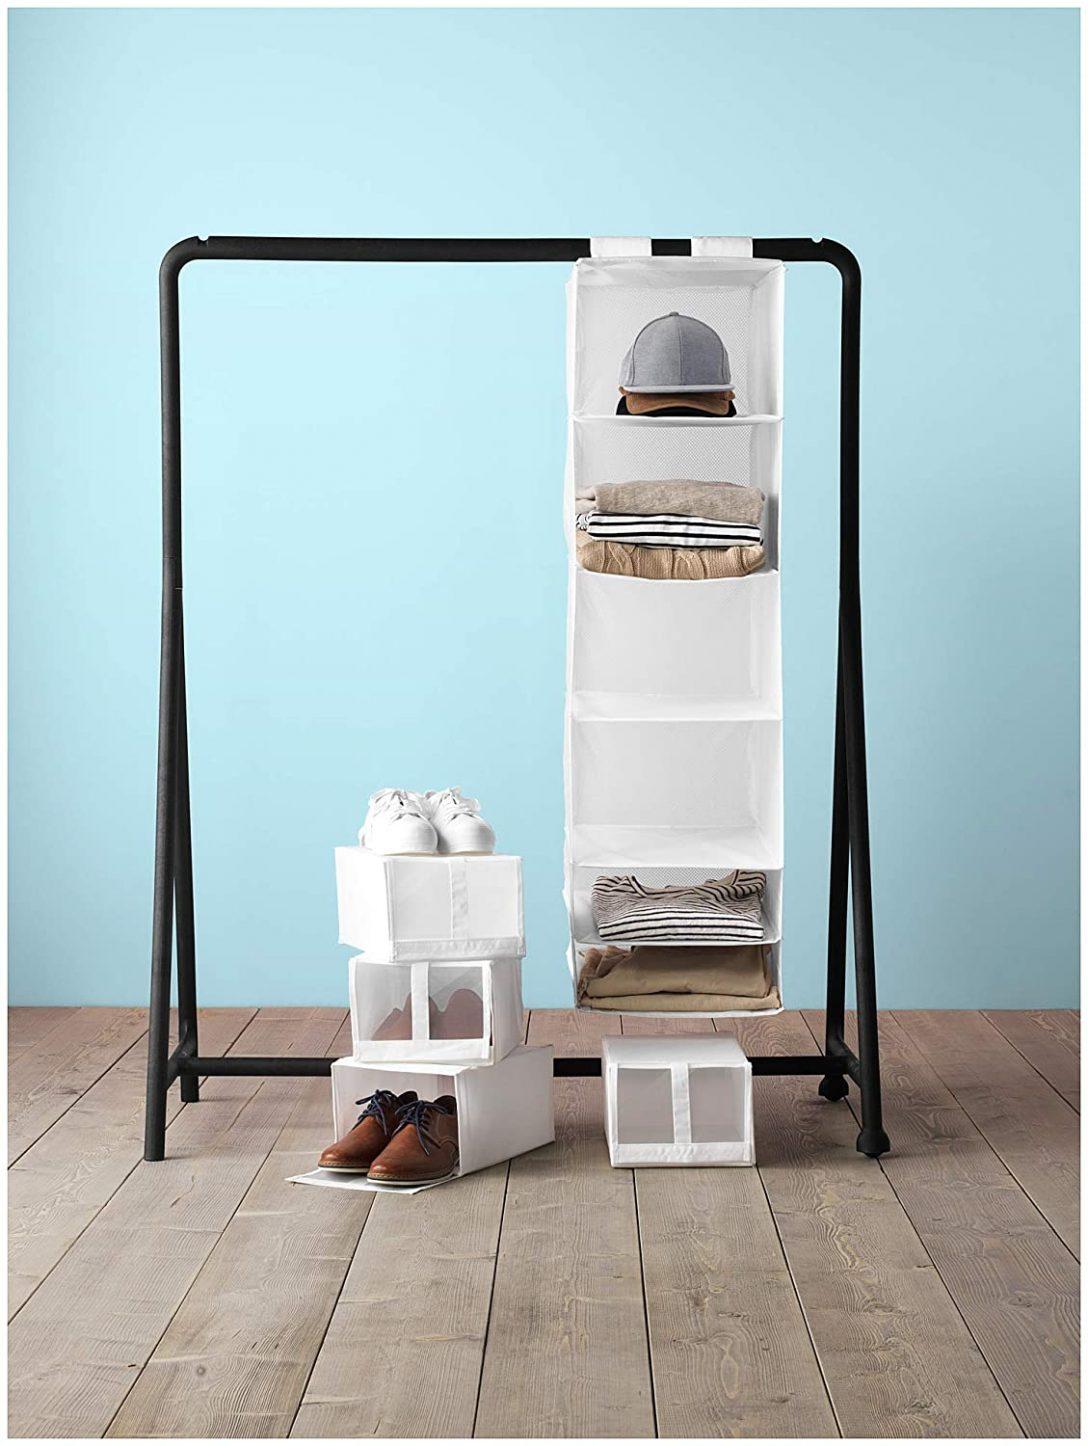 Large Size of Ikea 40300049 Organizer Mit Fchern Küche Kaufen Kosten Modulküche Betten Bei 160x200 Sofa Schlaffunktion Miniküche Hängeregal Wohnzimmer Ikea Hängeregal